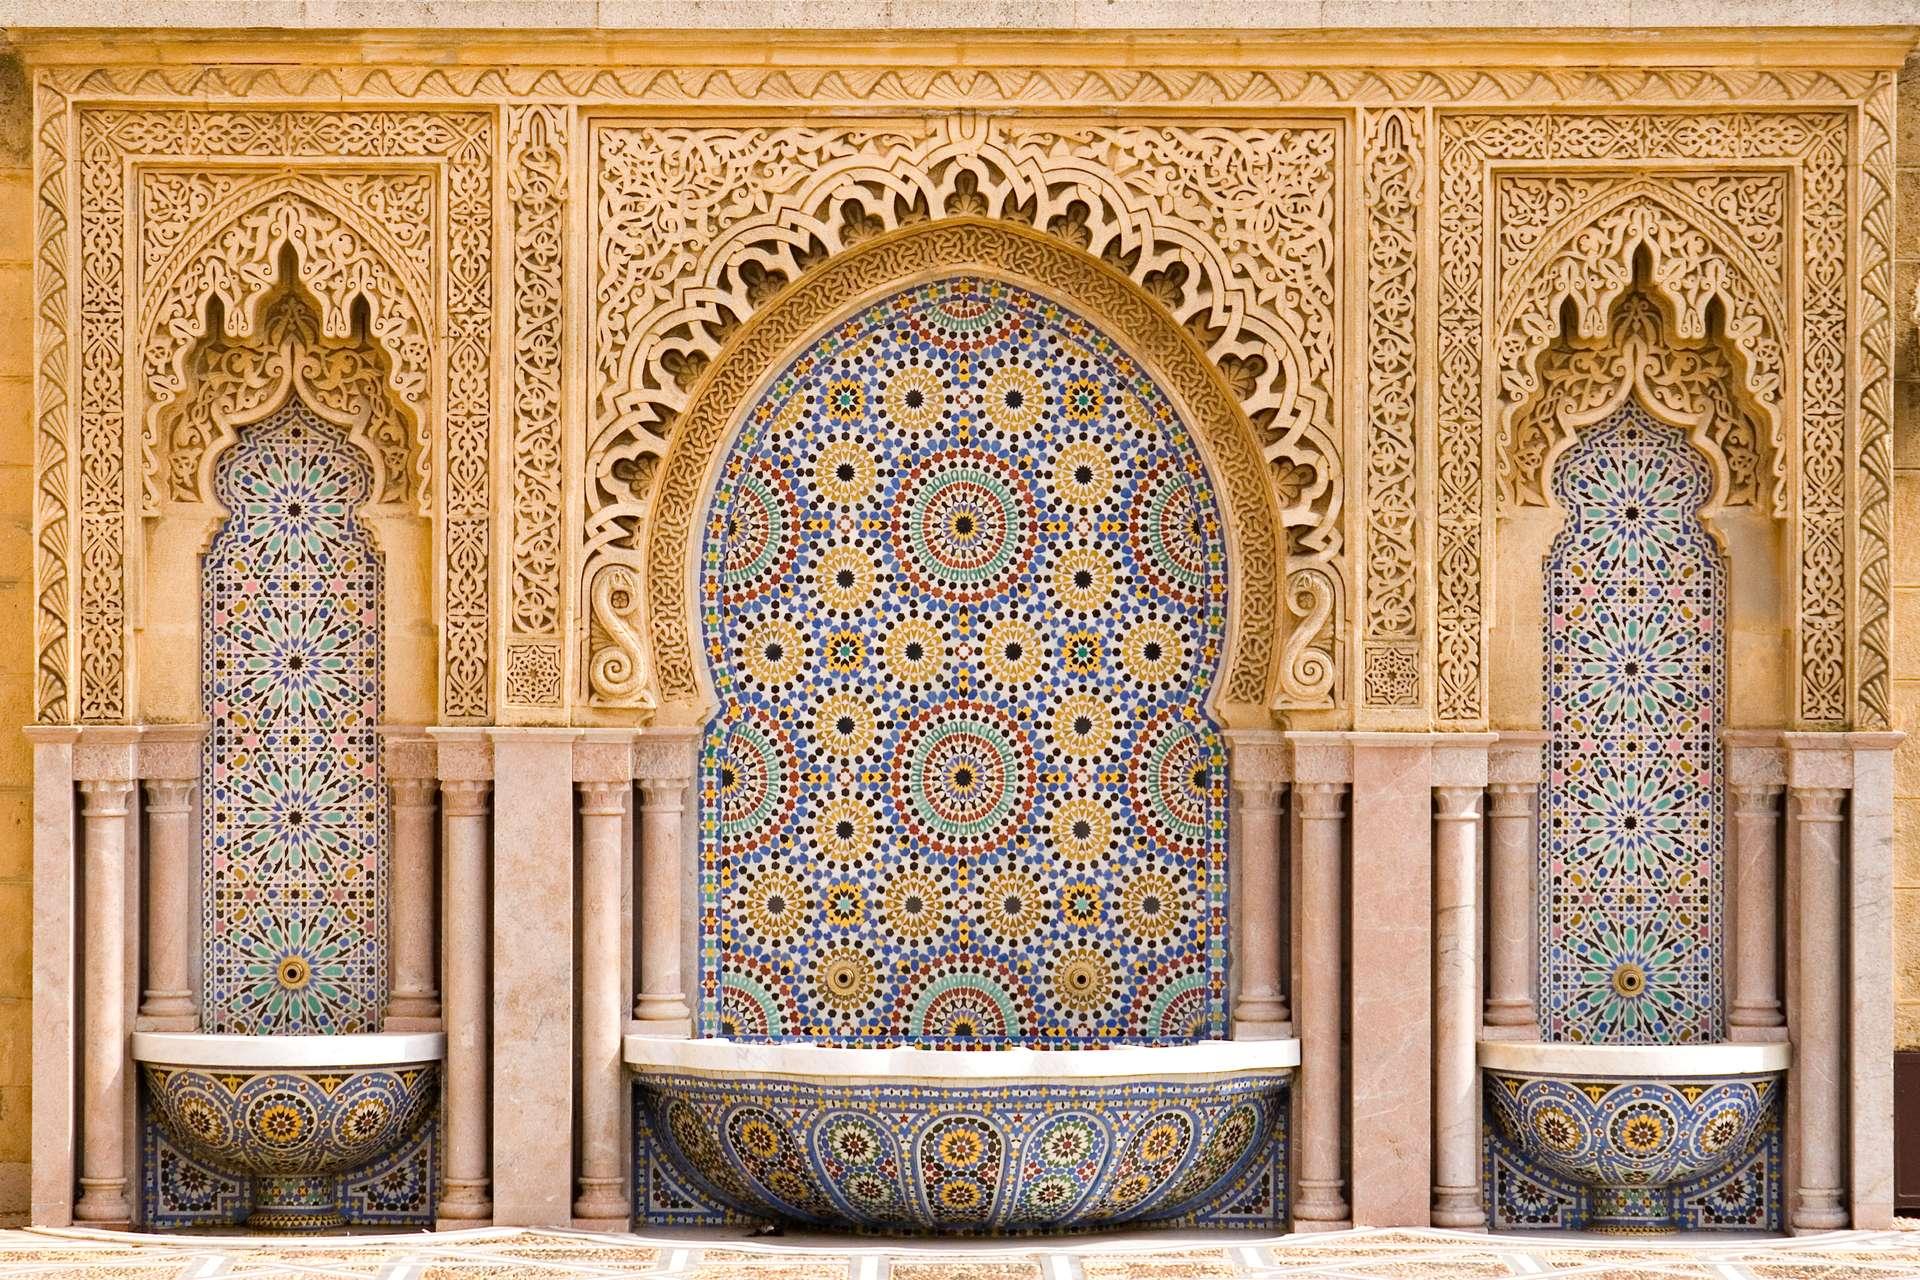 Stedentrip Marrakech